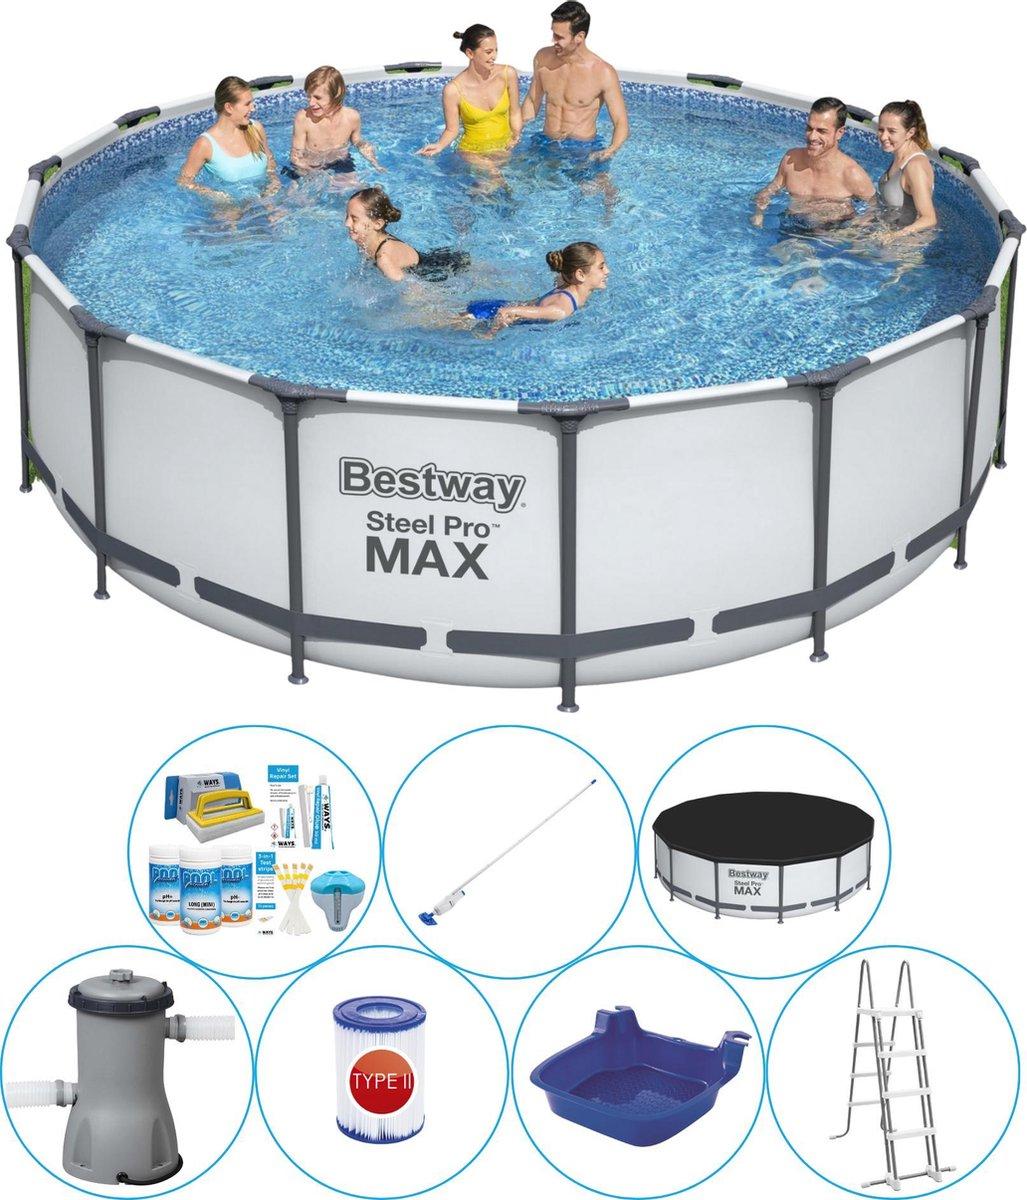 Bestway Steel Pro MAX Rond 457x122 cm - Zwembad Combinatie Deal